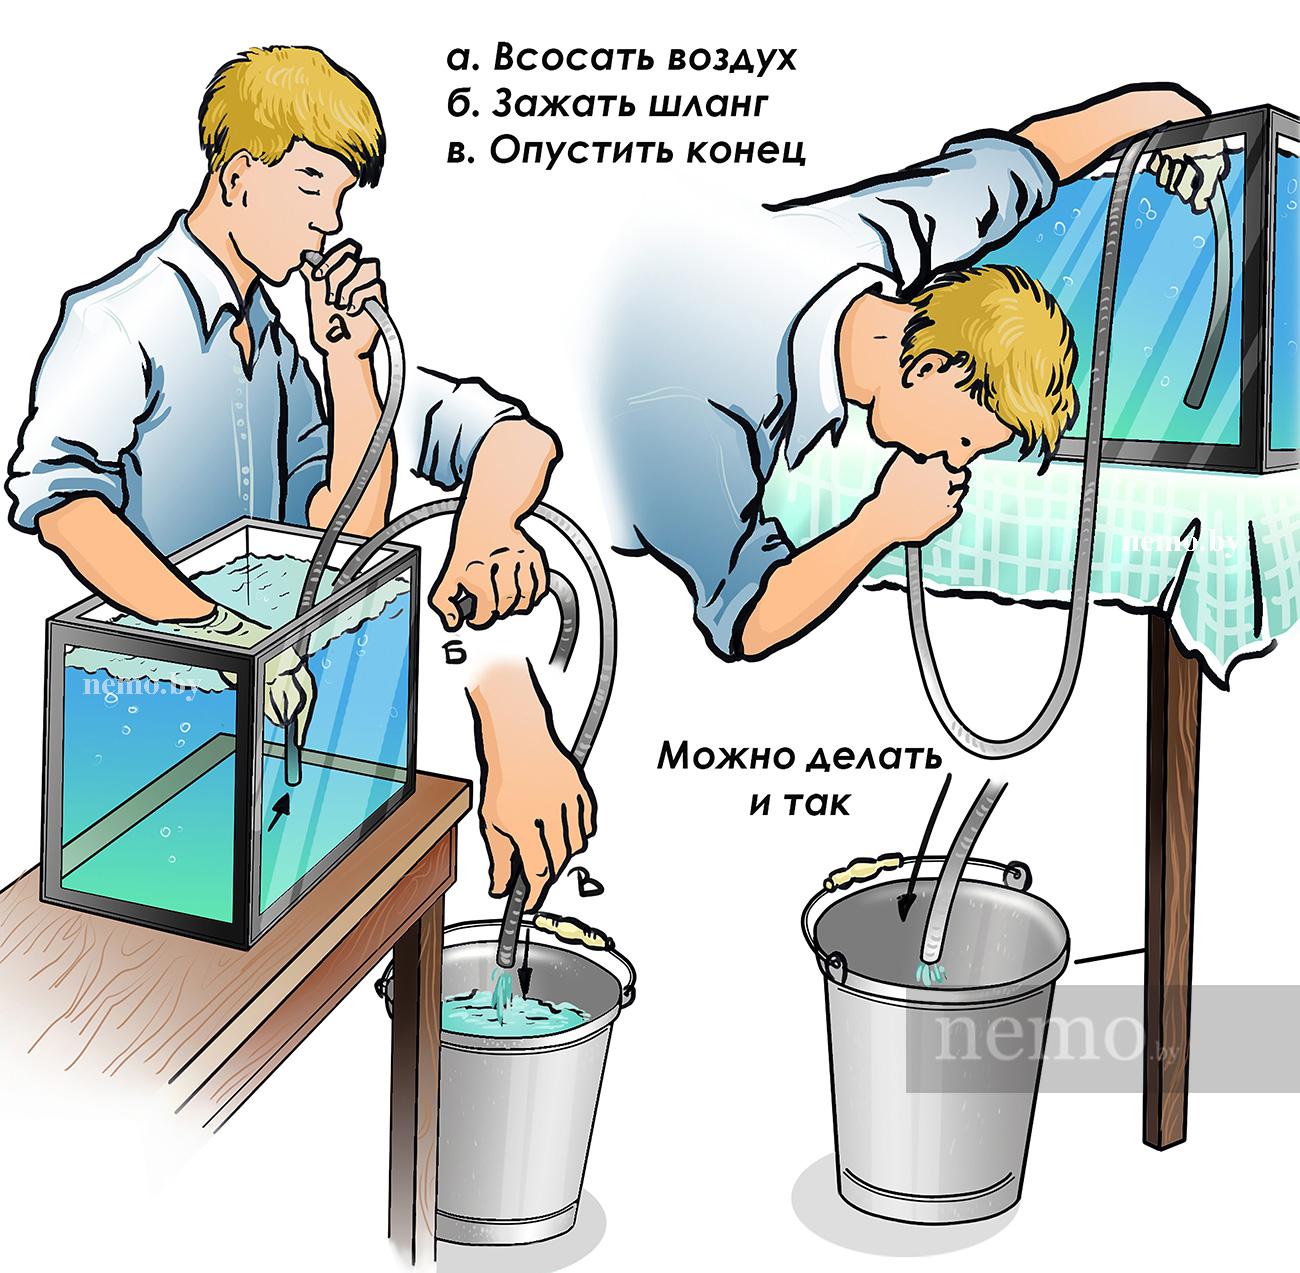 Как поменять воду в аквариуме?